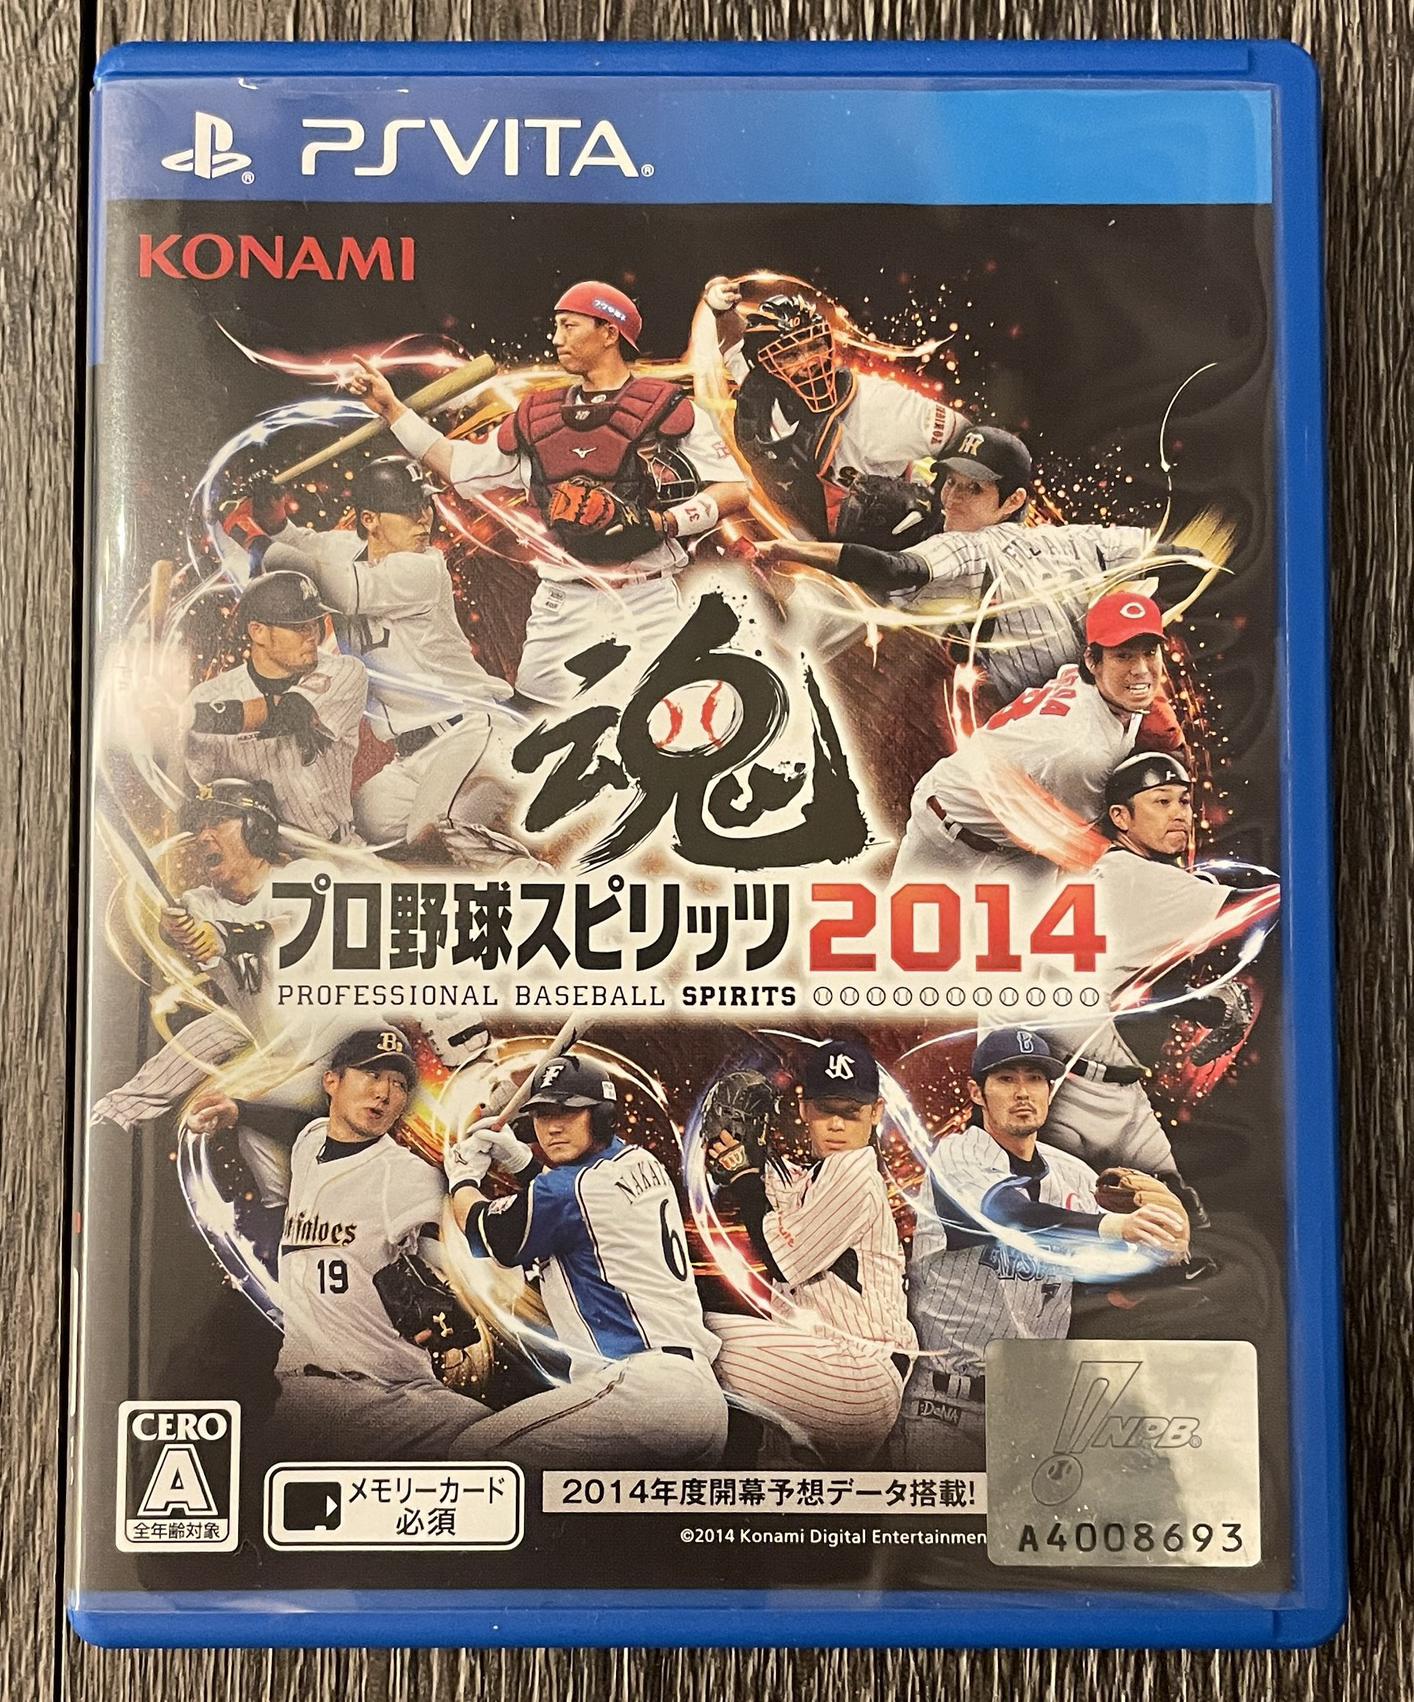 [二手] 野球魂2014 PSV 日本職棒 遊戲片 NPB